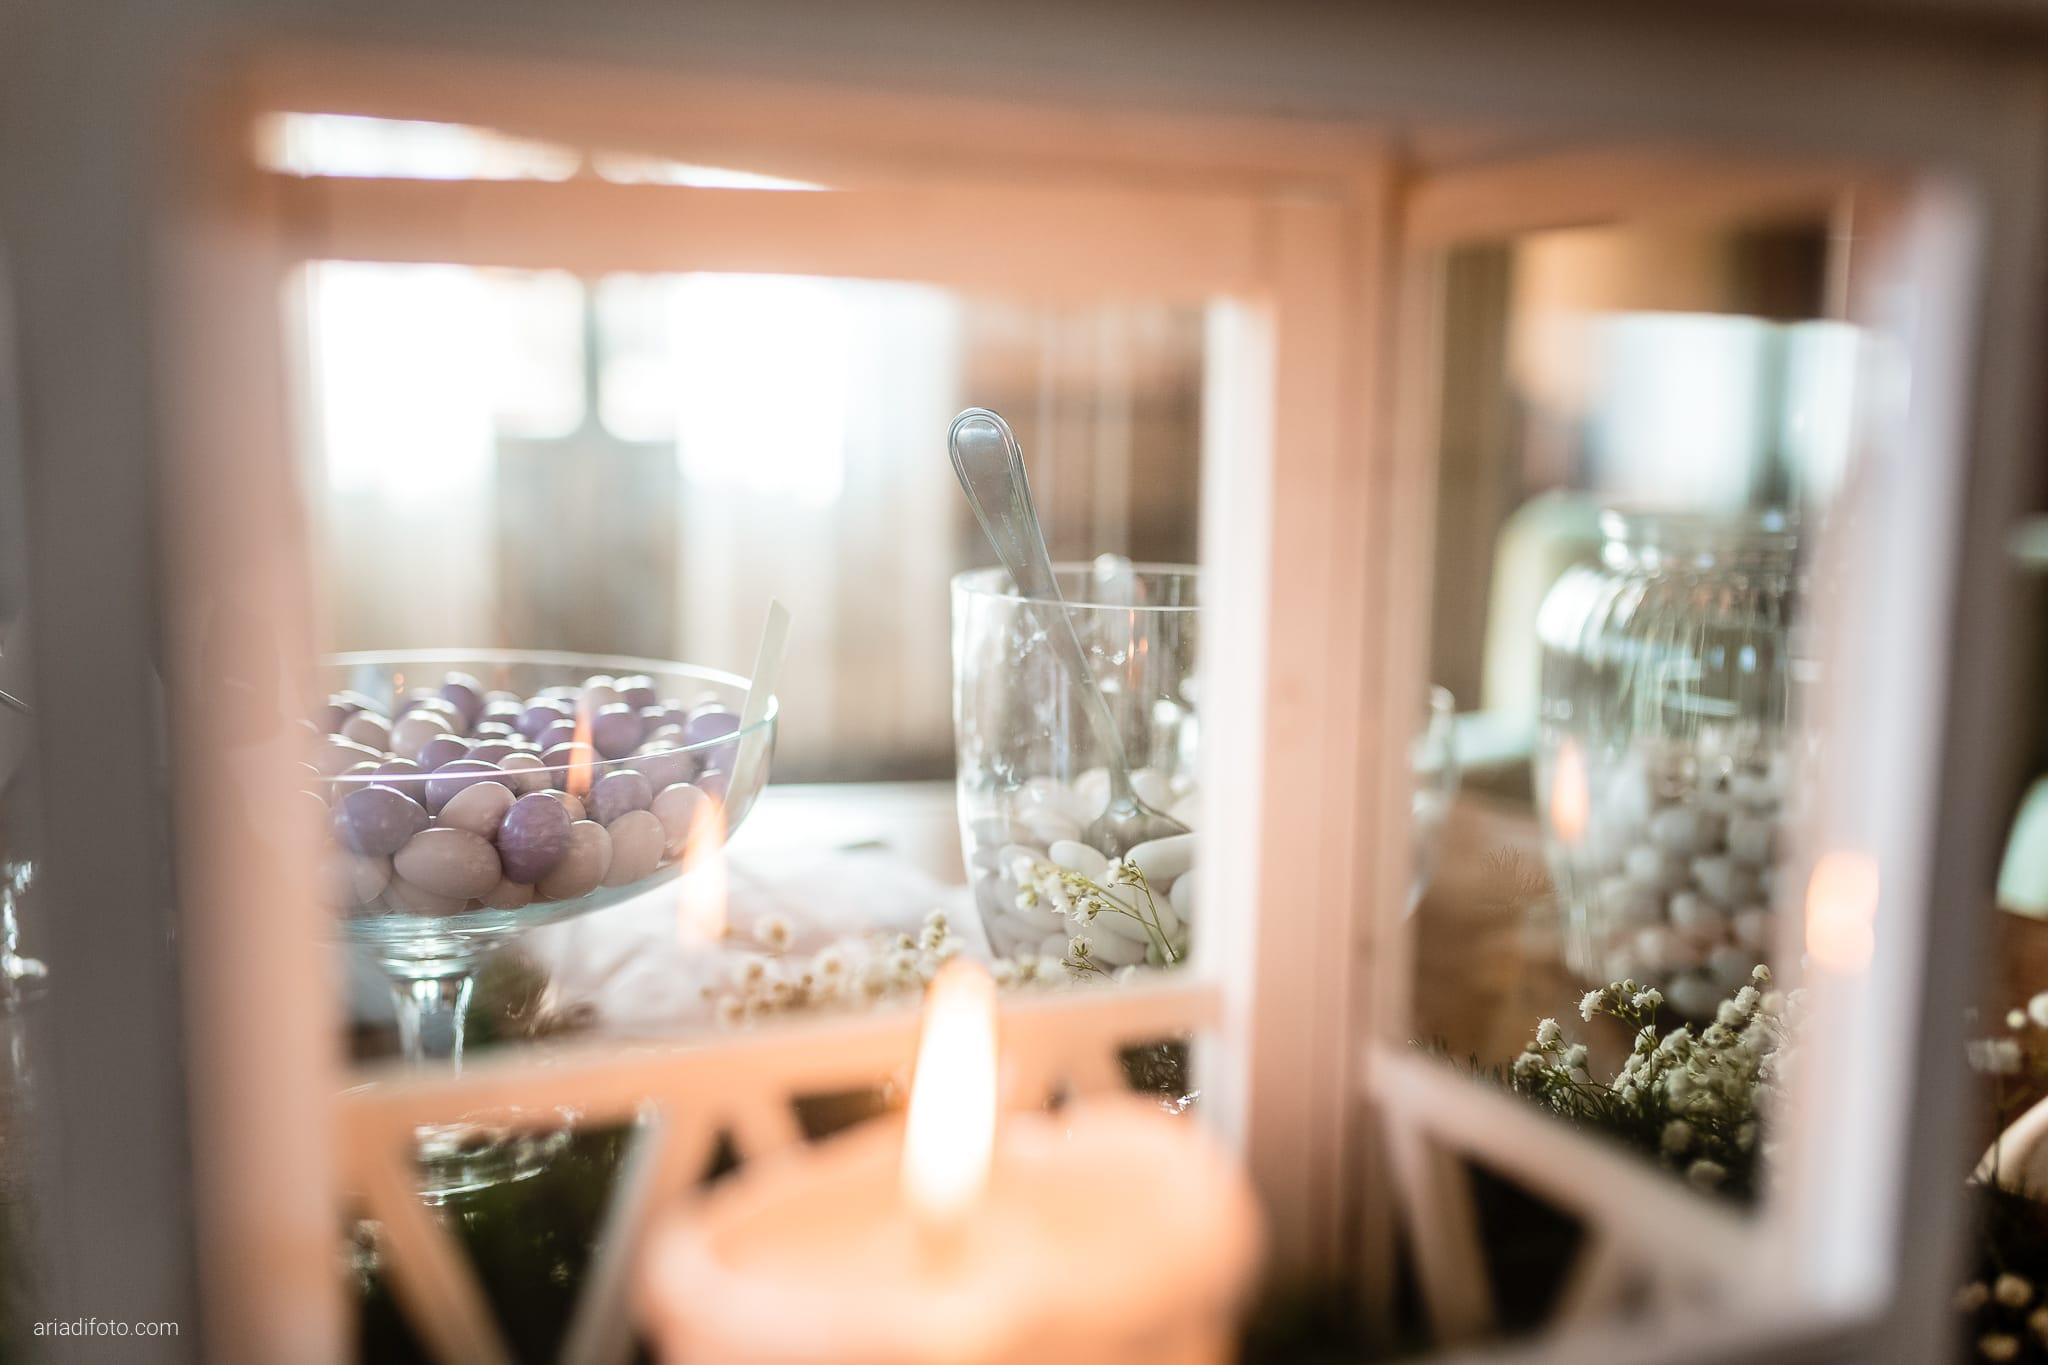 Eleonora Andrea Matrimonio Castello Papadopoli Giol San Polo Piave Treviso ricevimento dettagli confetti candela